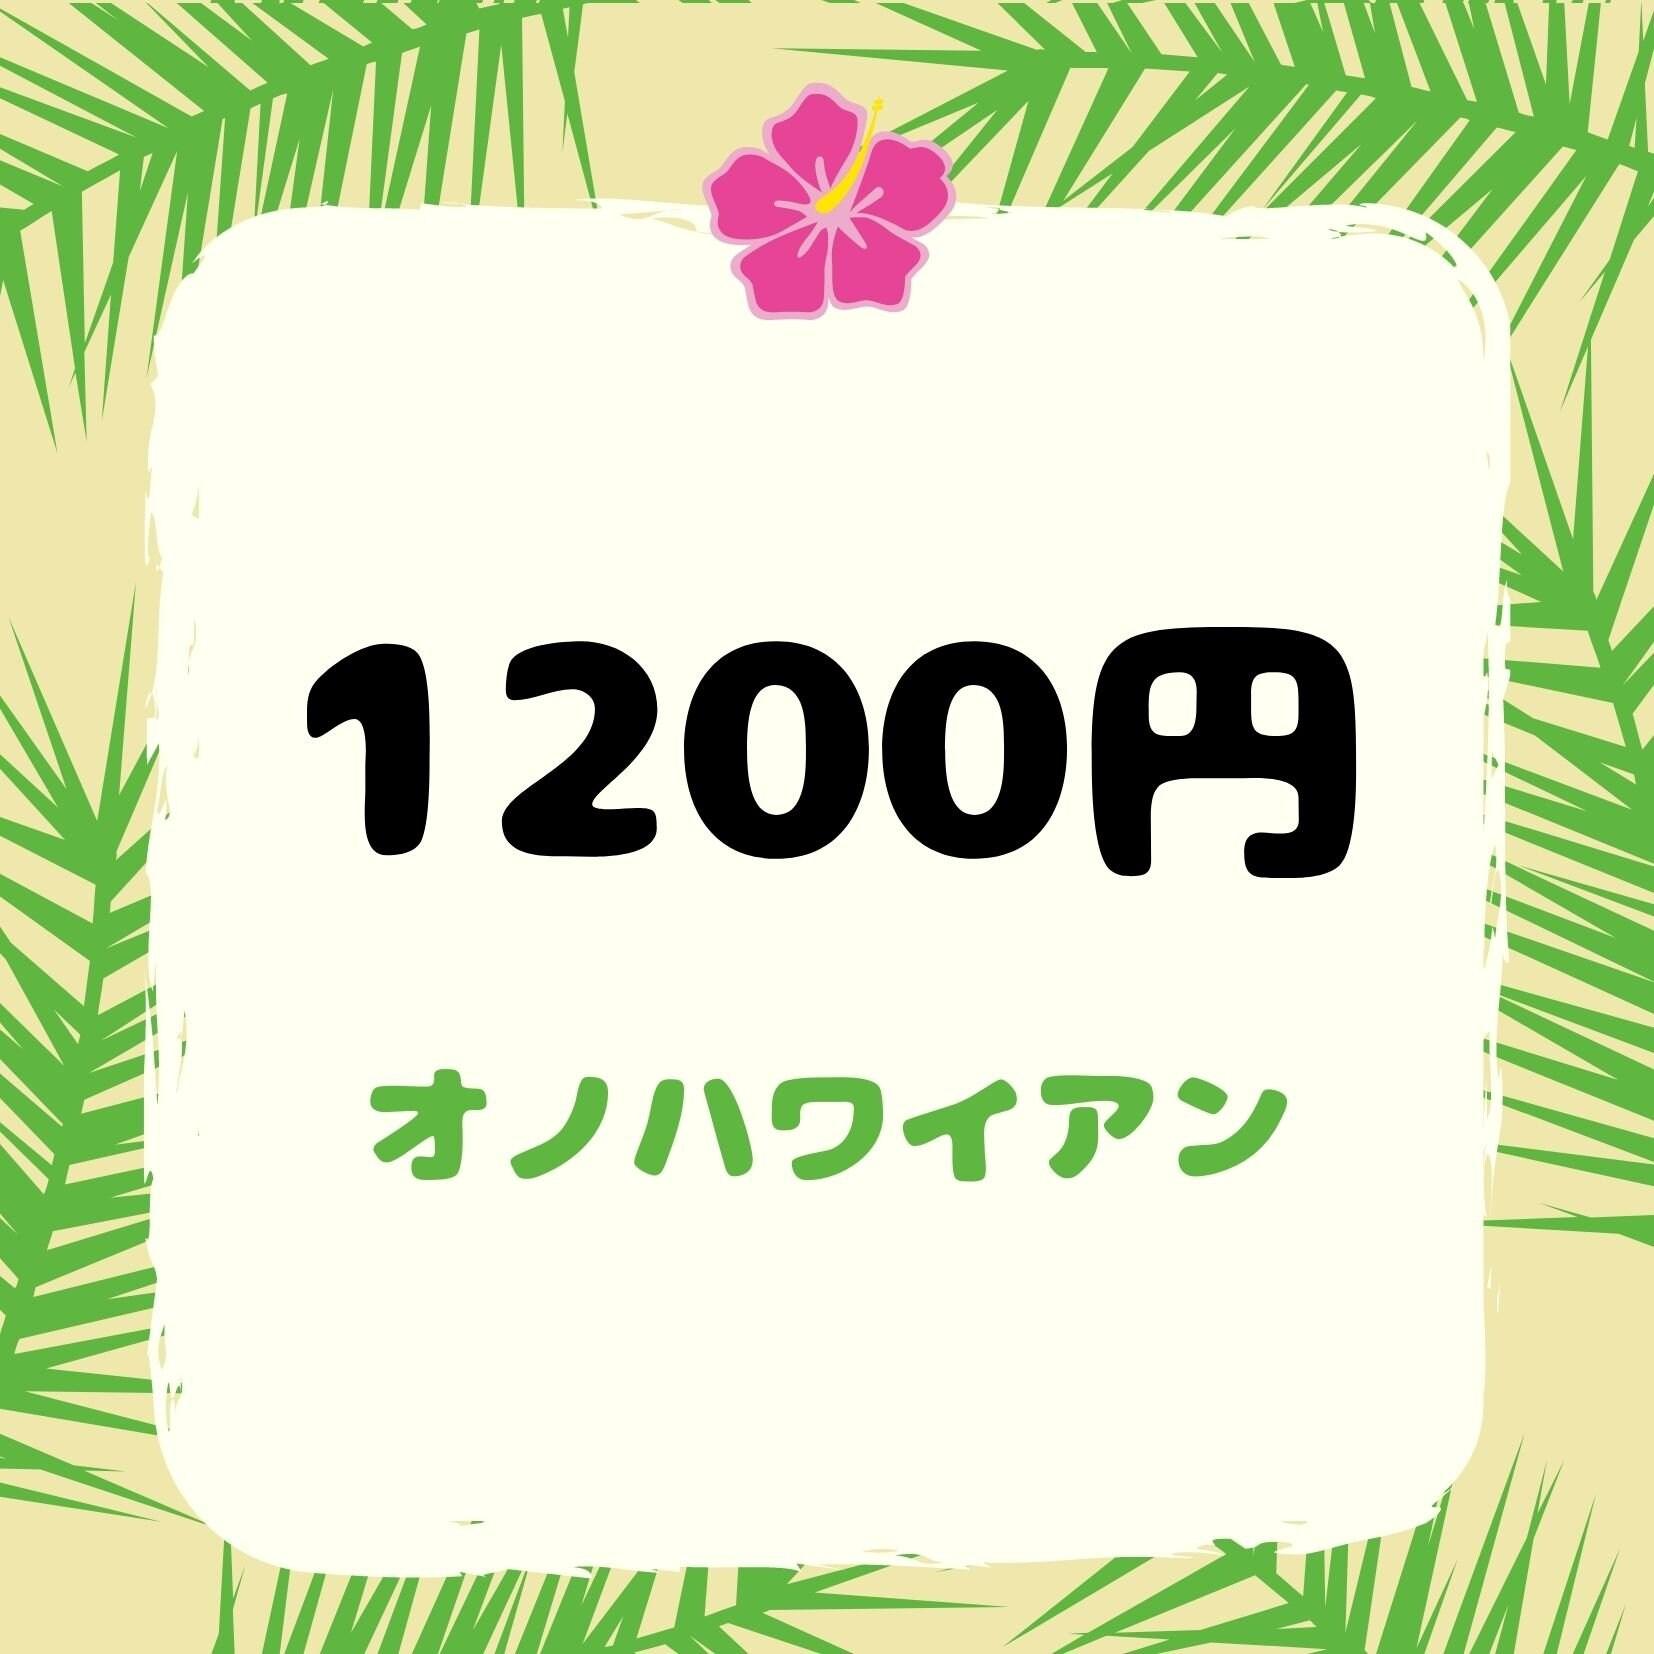 1,200円【店頭払い専用】スペアリブオーブン焼き等のイメージその1